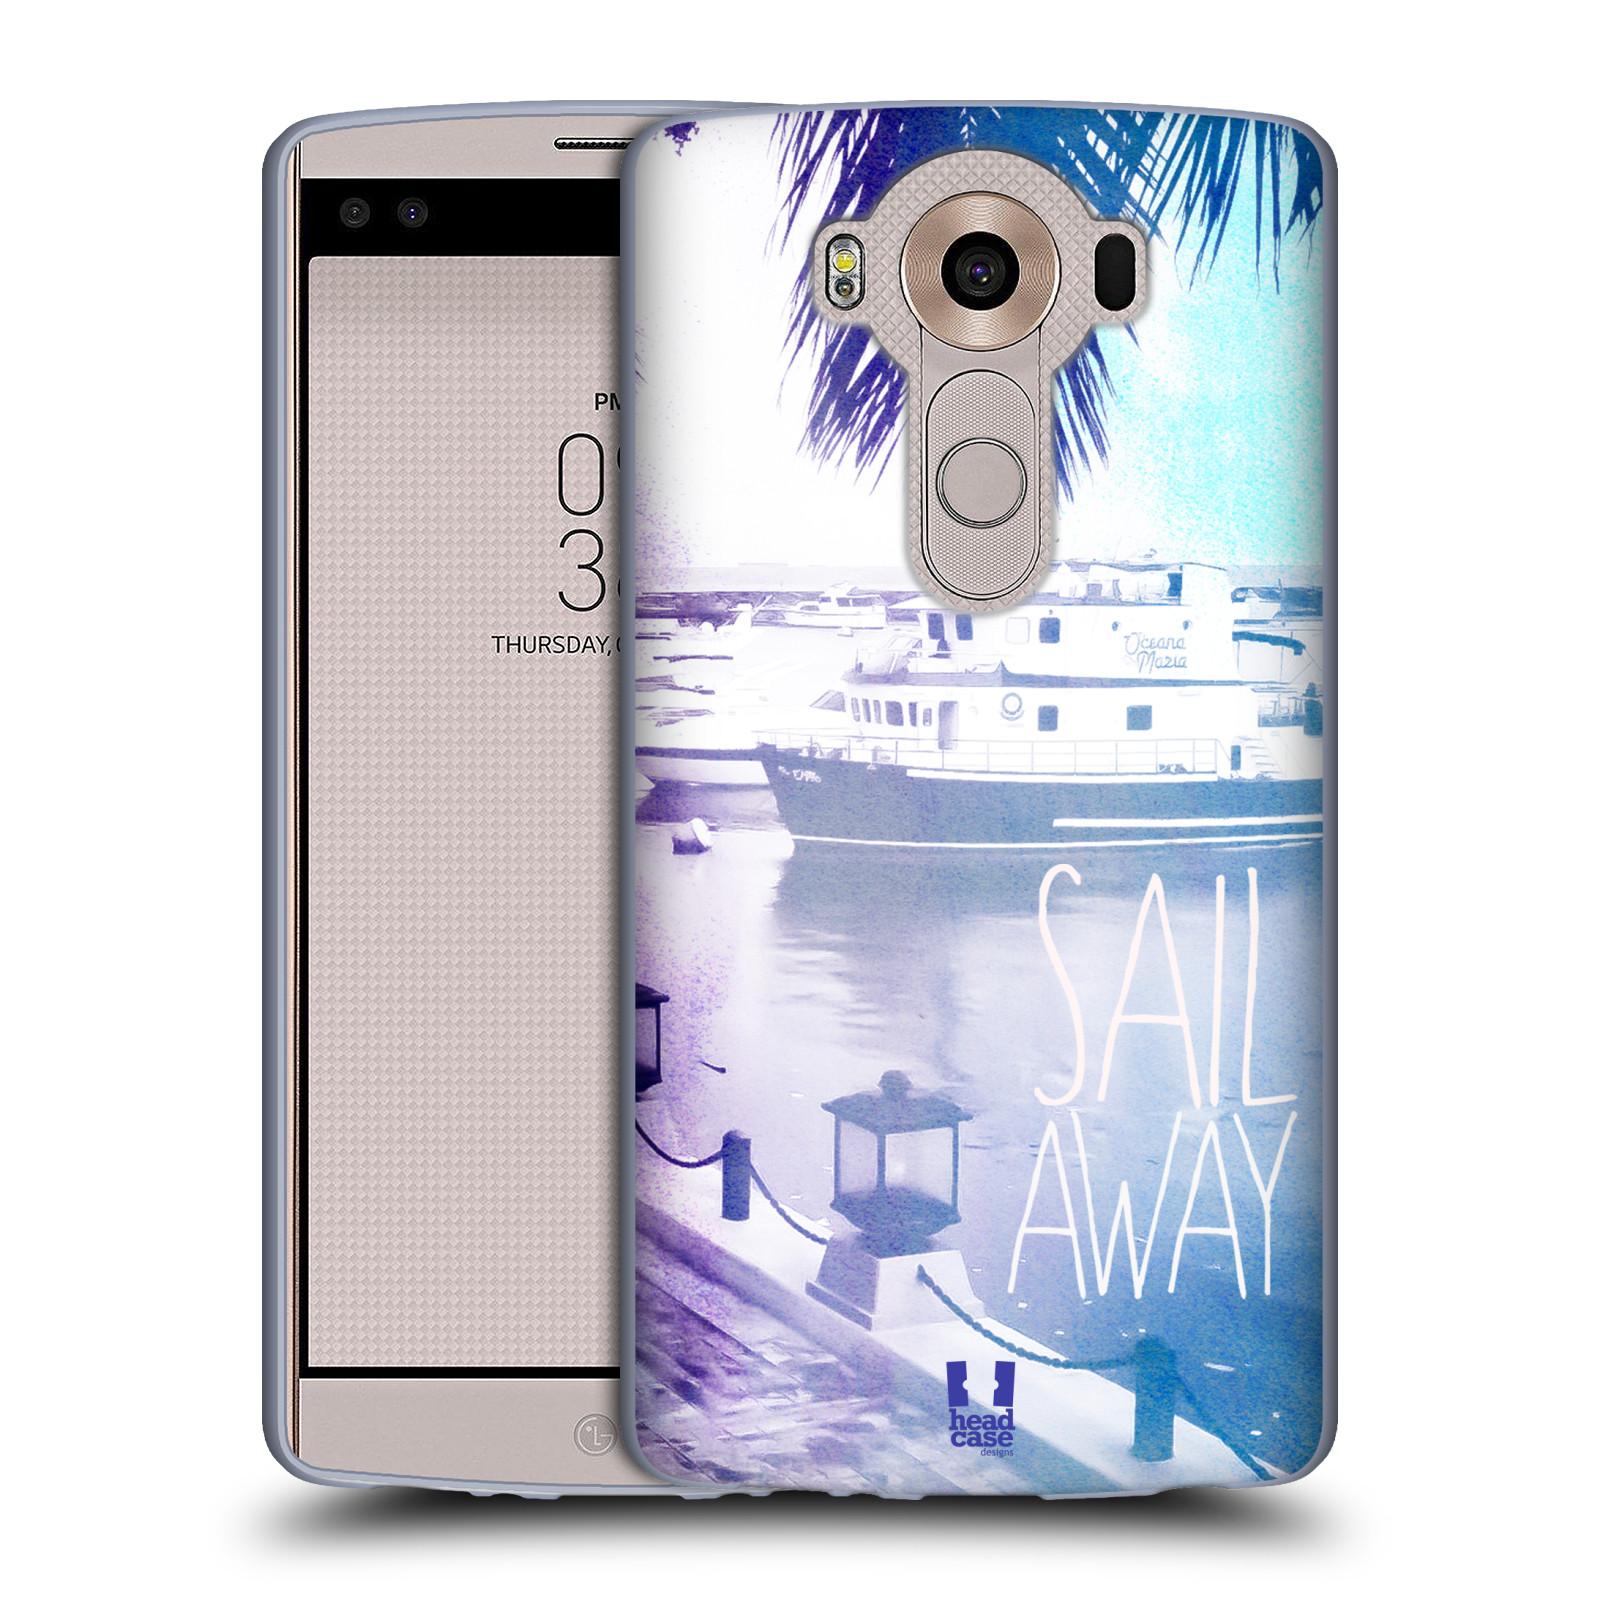 HEAD CASE silikonový obal na mobil LG V10 (H960A) vzor Pozitivní vlny MODRÁ, přístav s loděmi SAIL AWAY